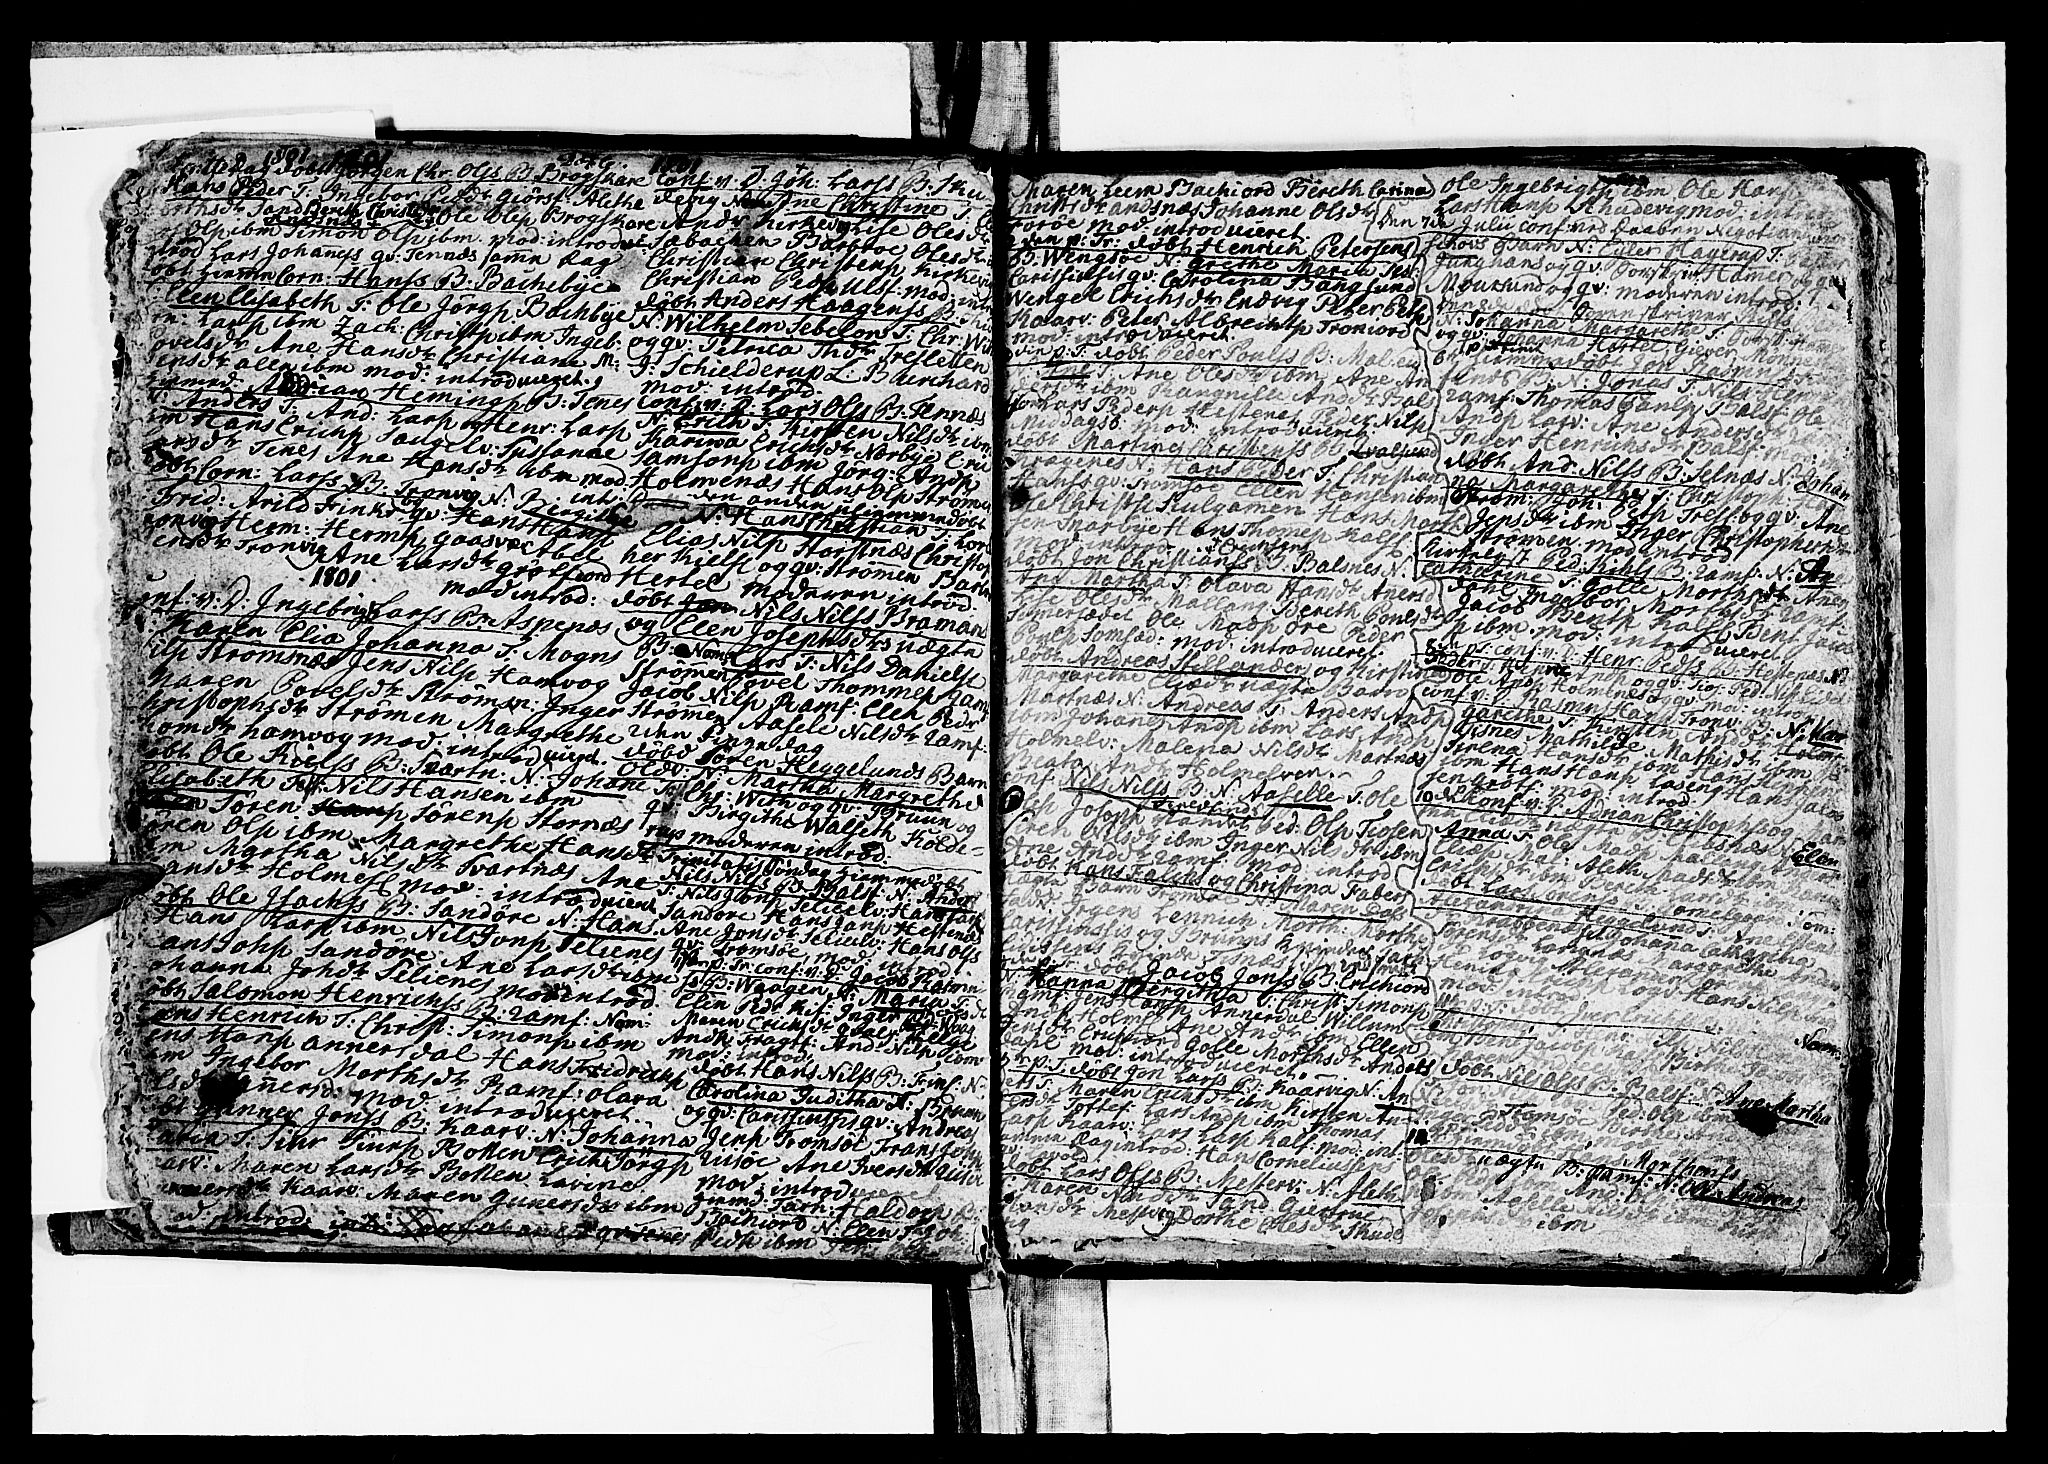 SATØ, Tromsø sokneprestkontor/stiftsprosti/domprosti, G/Ga/L0005kirke: Ministerialbok nr. 5, 1796-1808, s. 58